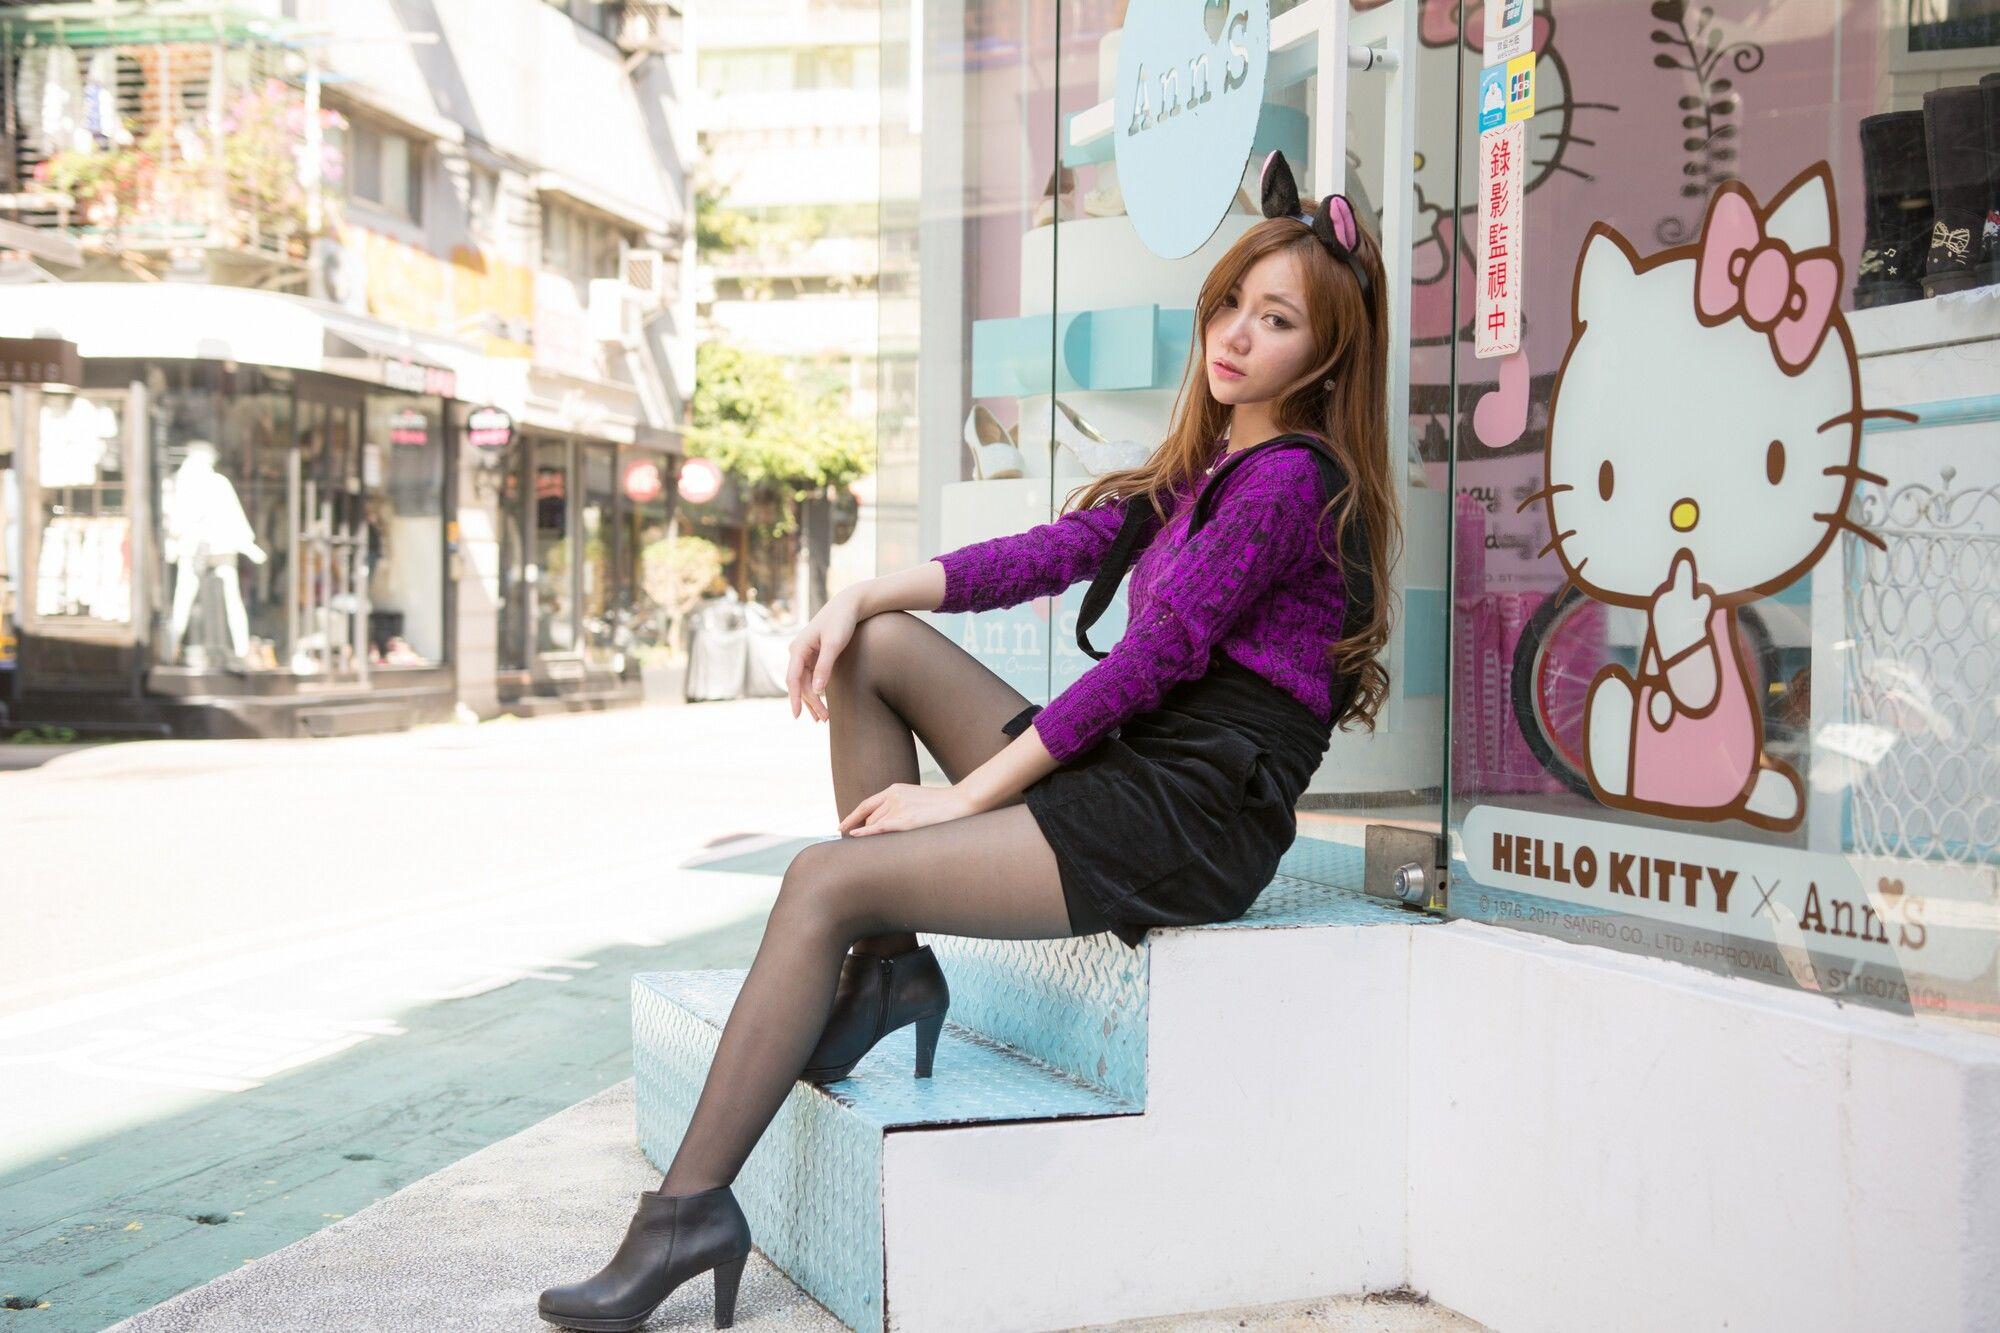 VOL.993 [台湾正妹]猫女郎萌女黑丝制服街拍短裙:苏小立超高清个人性感漂亮大图(56P)